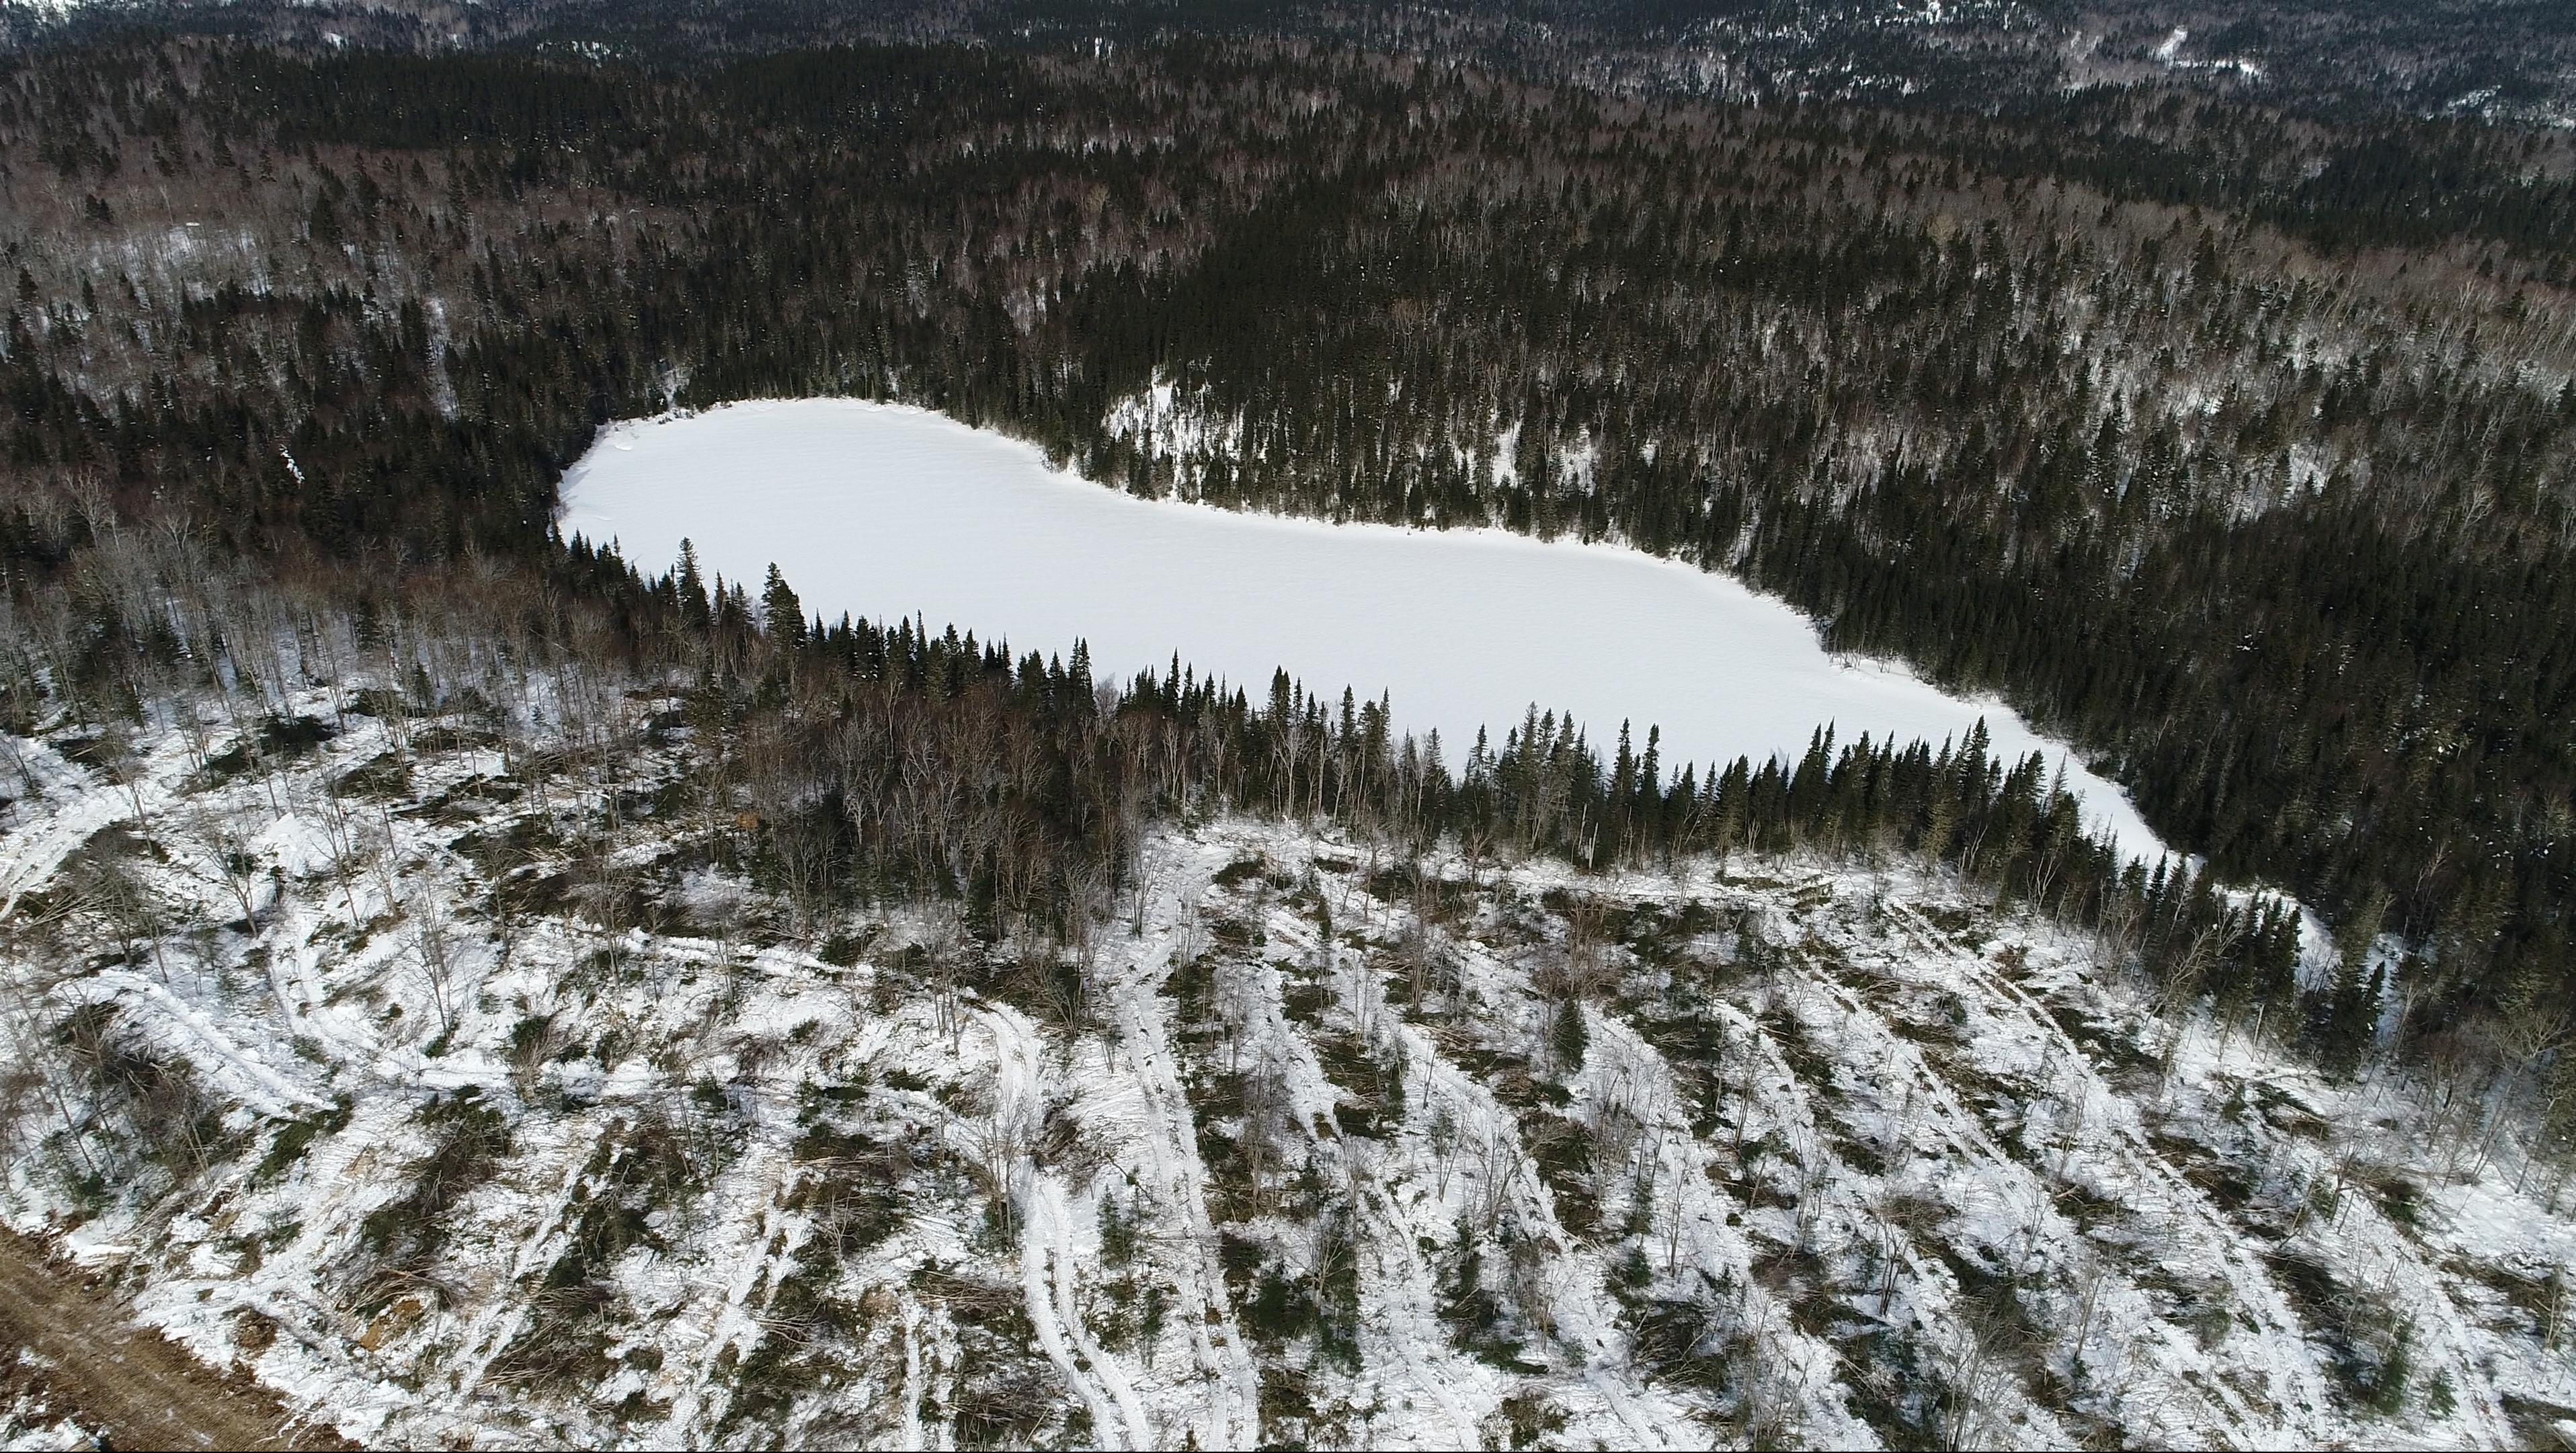 Services forestiers Coopérative forestière Ferland-Boilleau